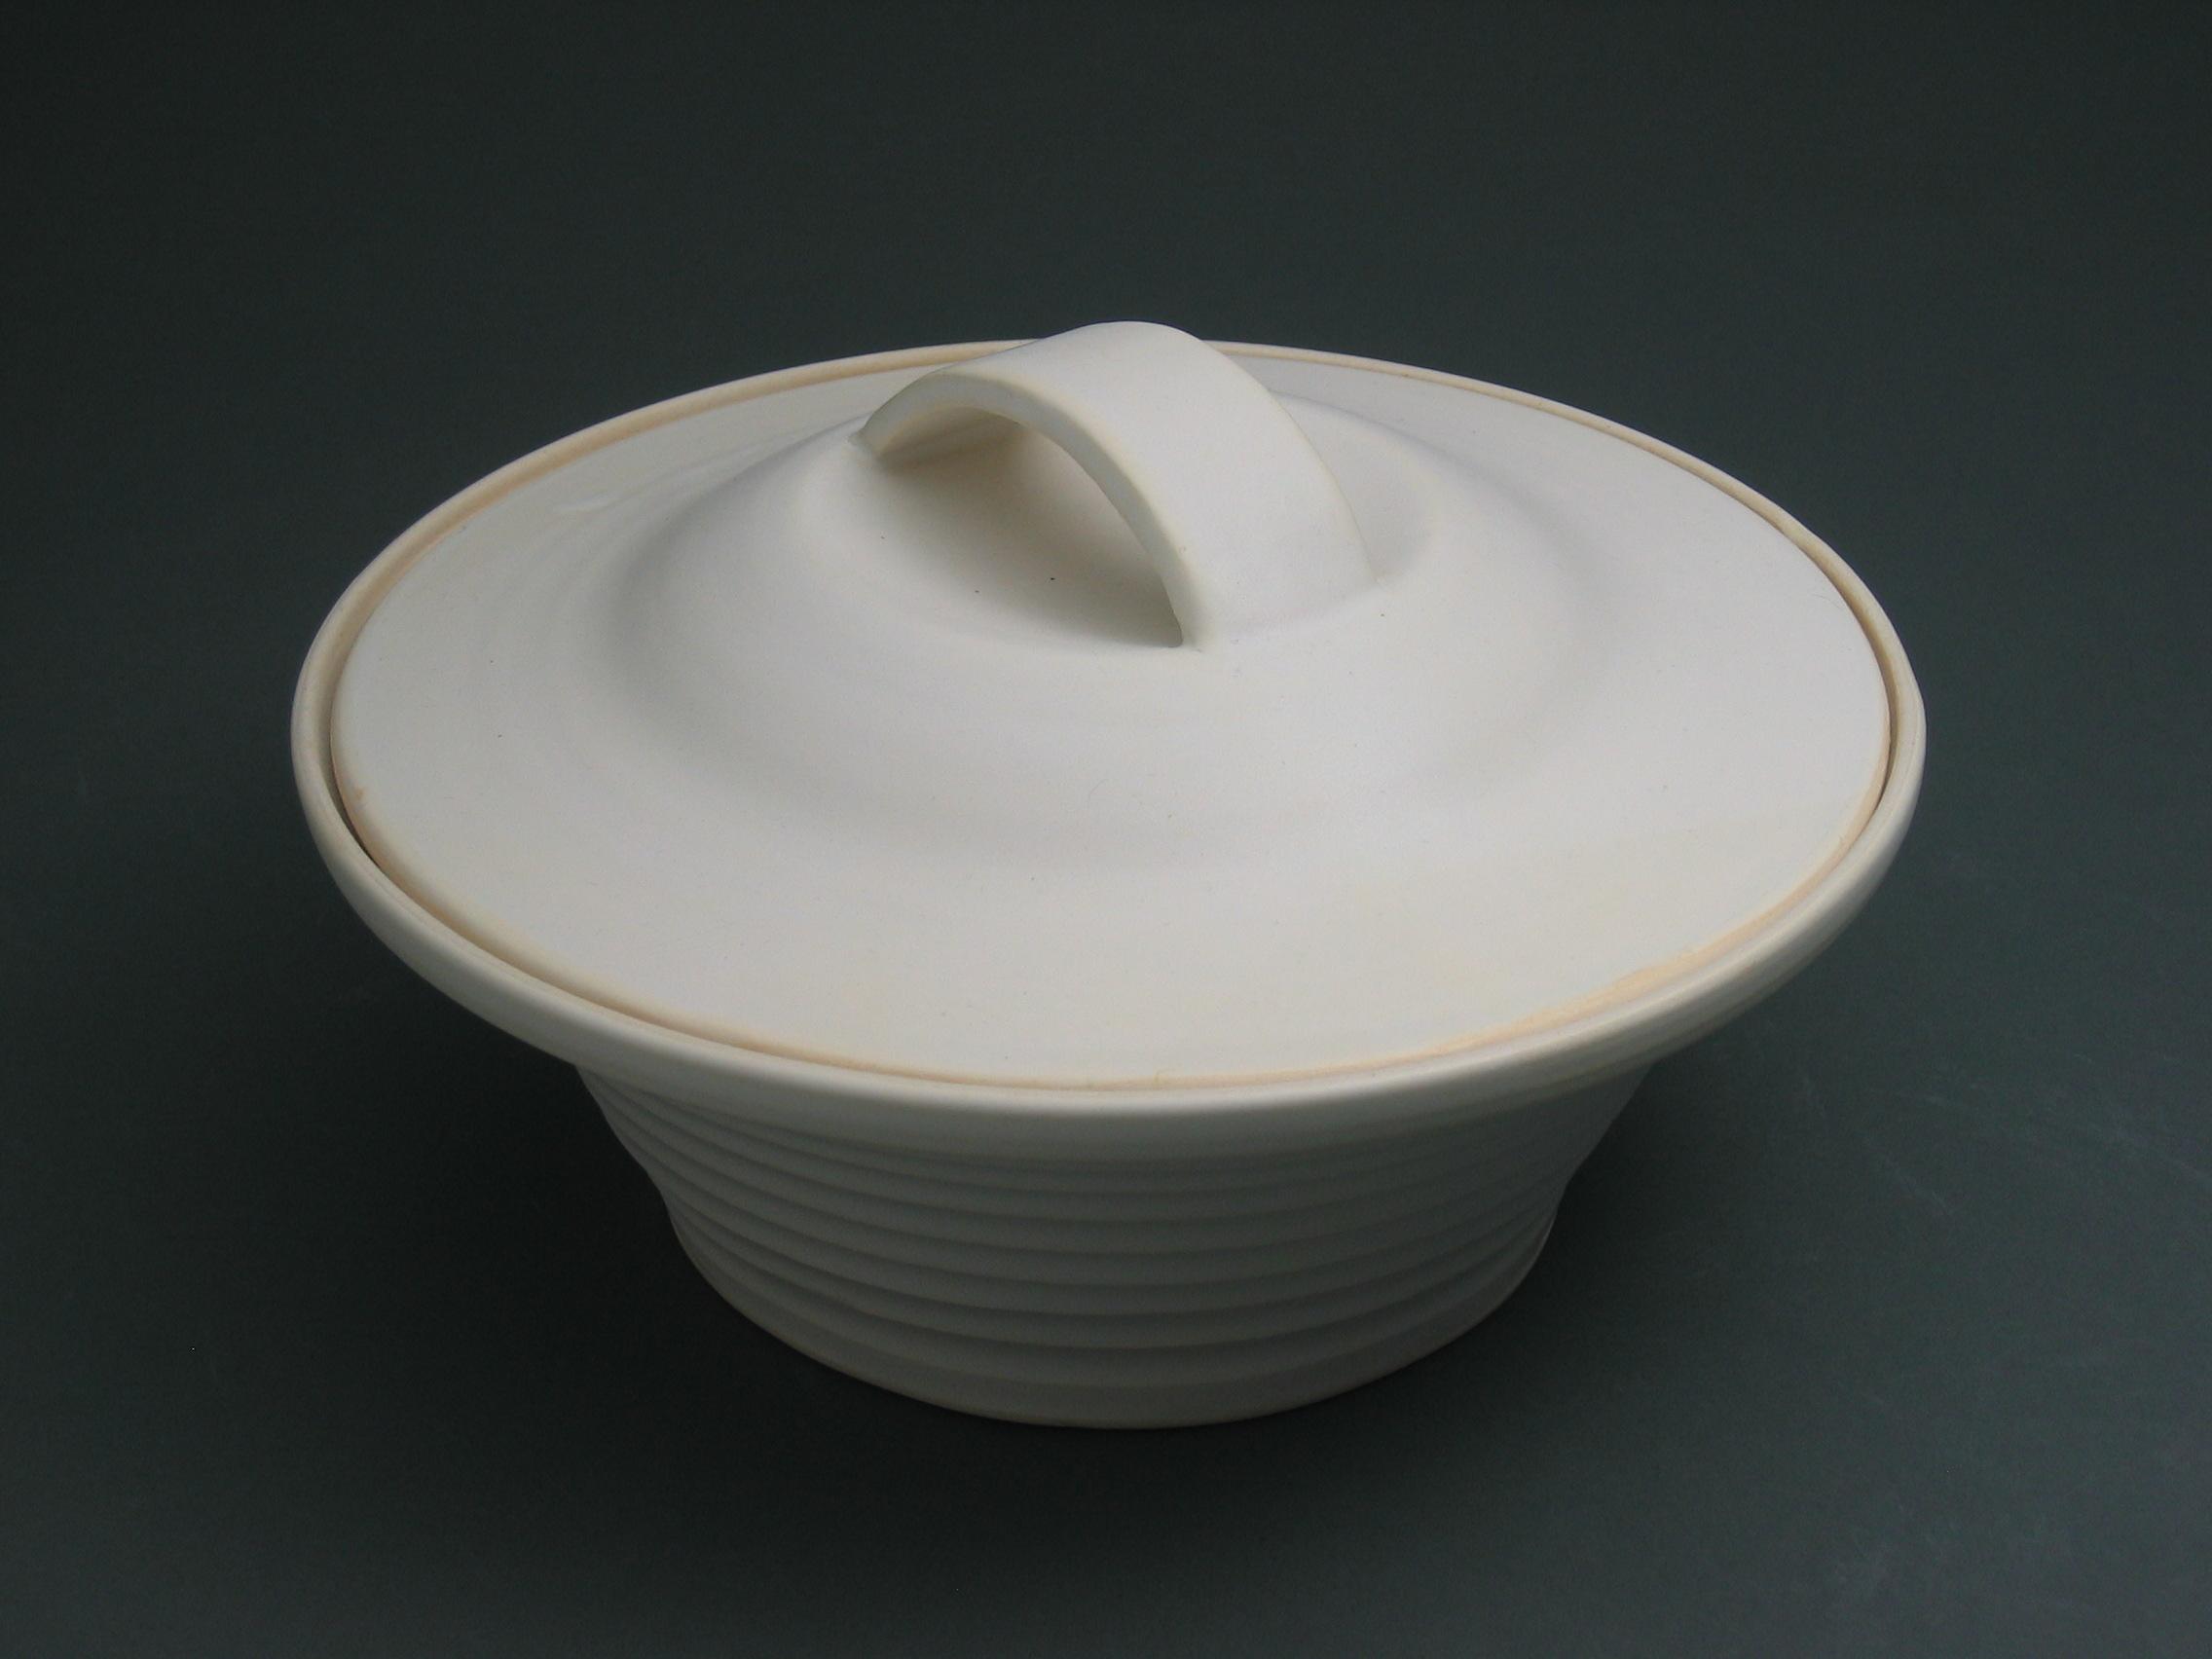 White Casserole $65